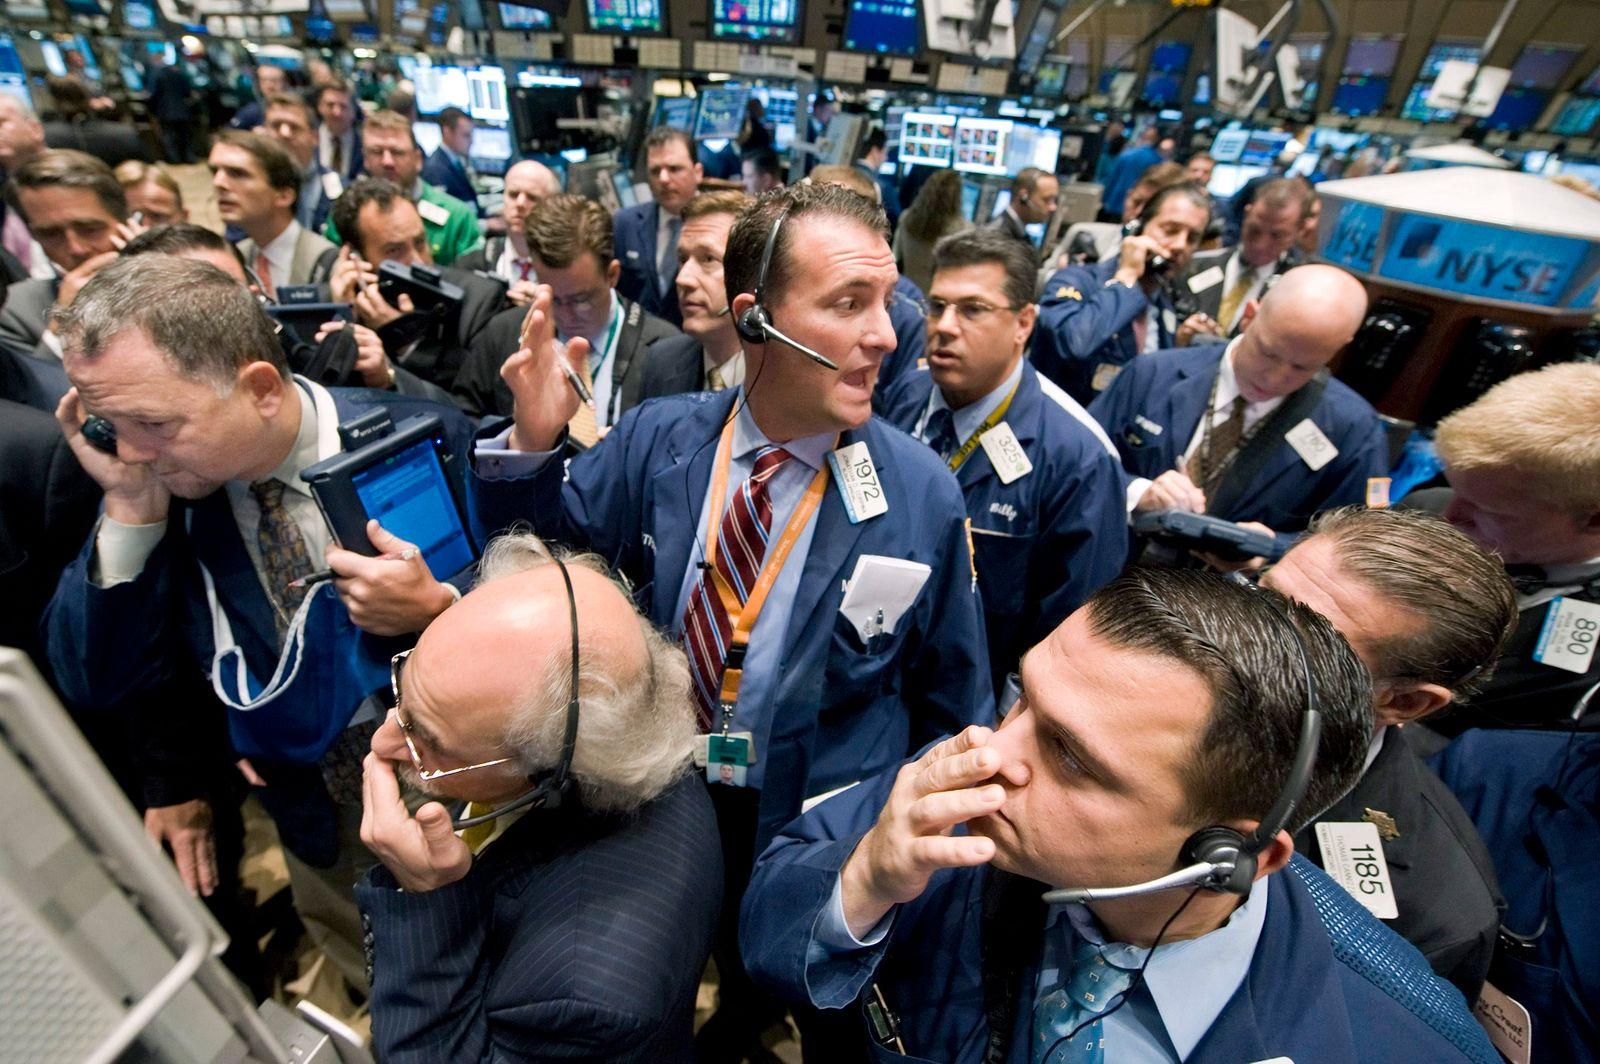 NUR FÜR SPAM APTOPIX Wall Street